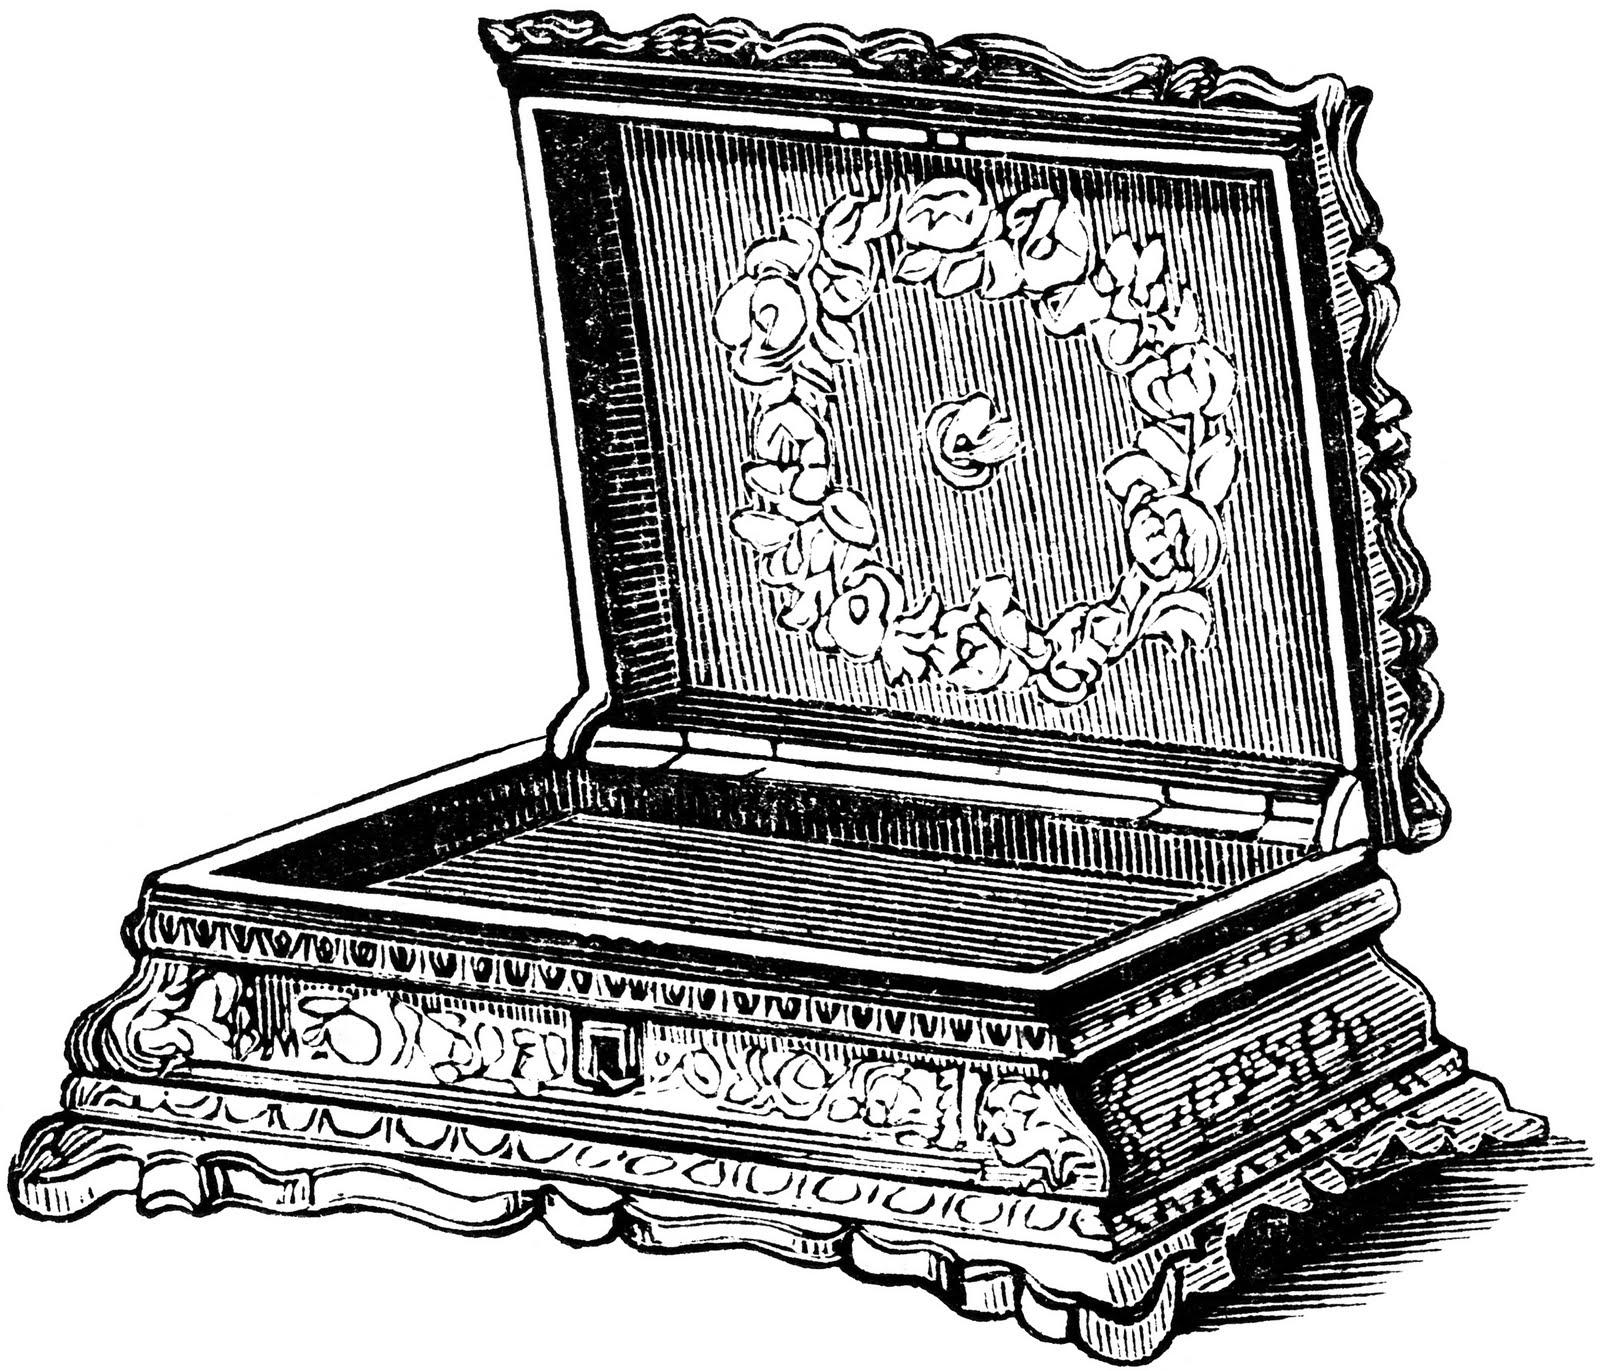 Vintage Ephemera: Engraved illustration, jewel box, 1851